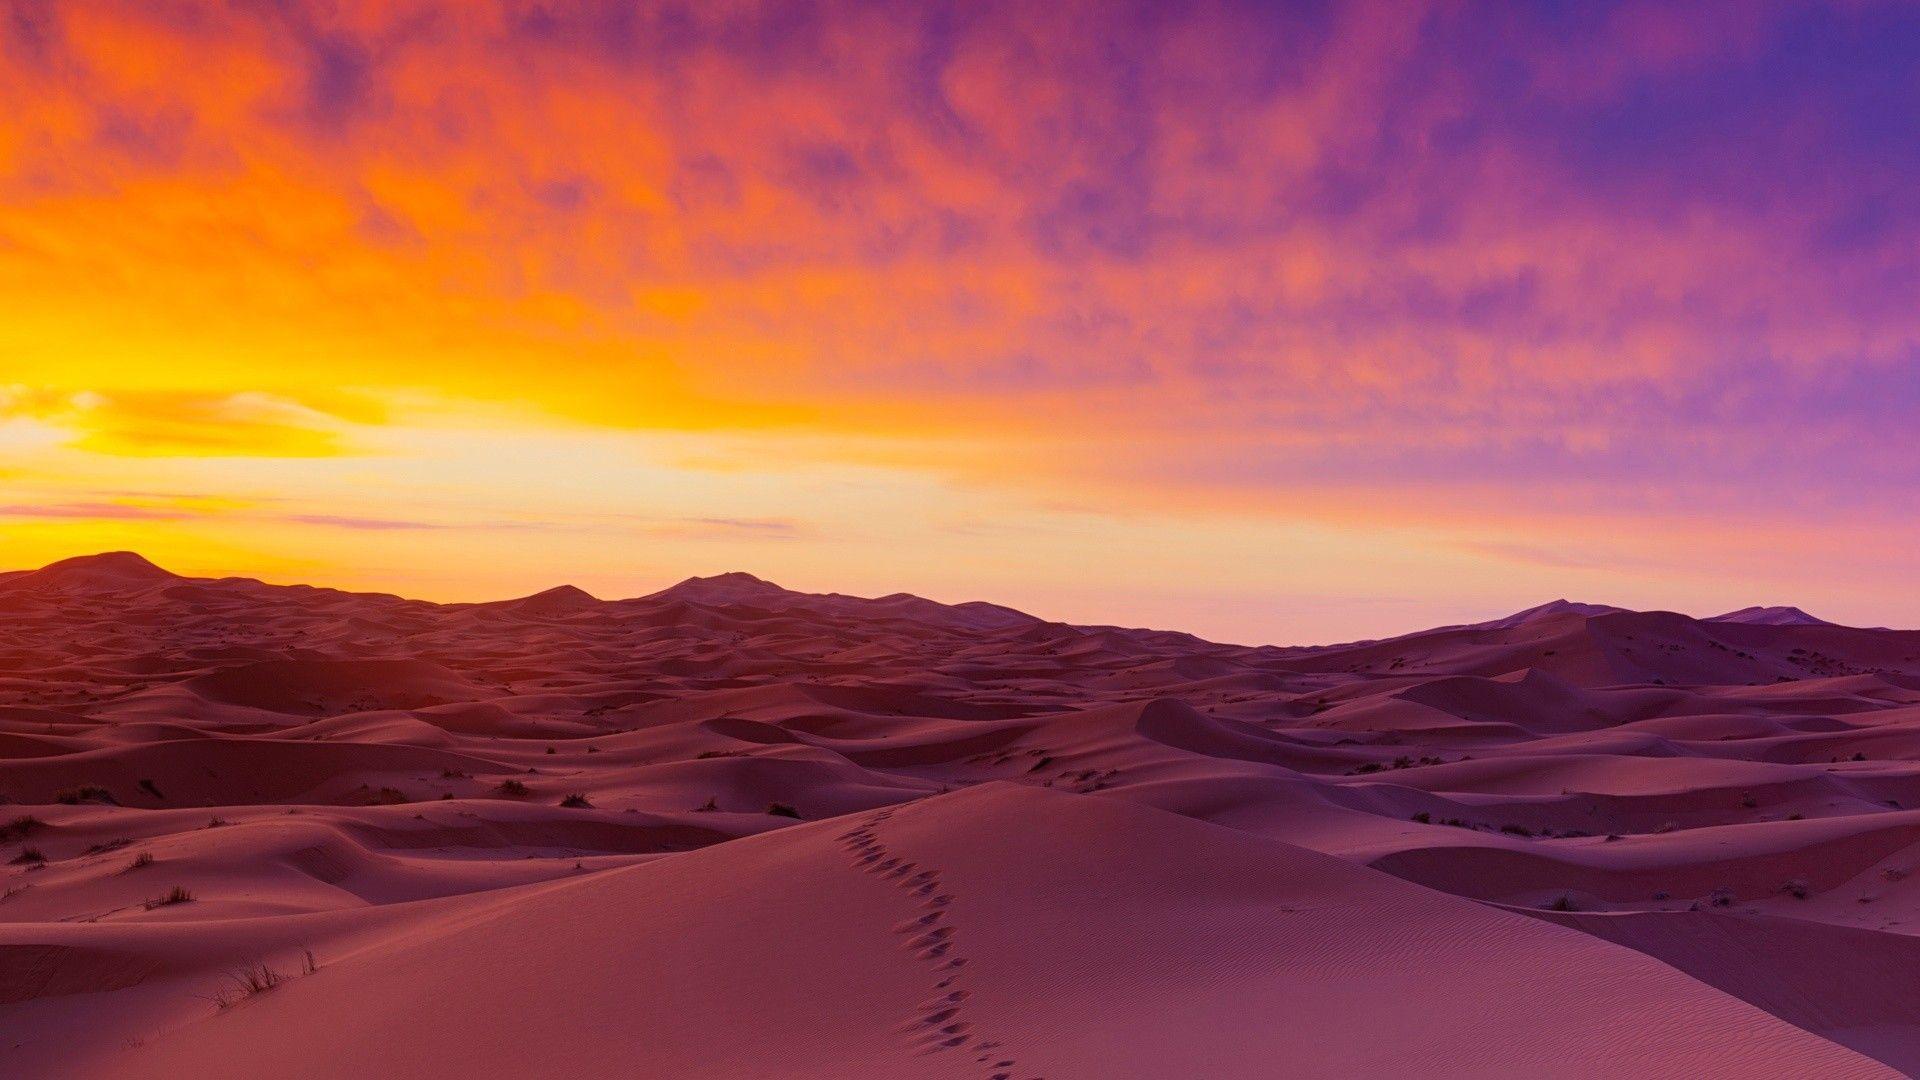 Sahara Desert Sand Dunes Wallpaper Dune Wallpaper Breathtaking Places Desert Wallpaper